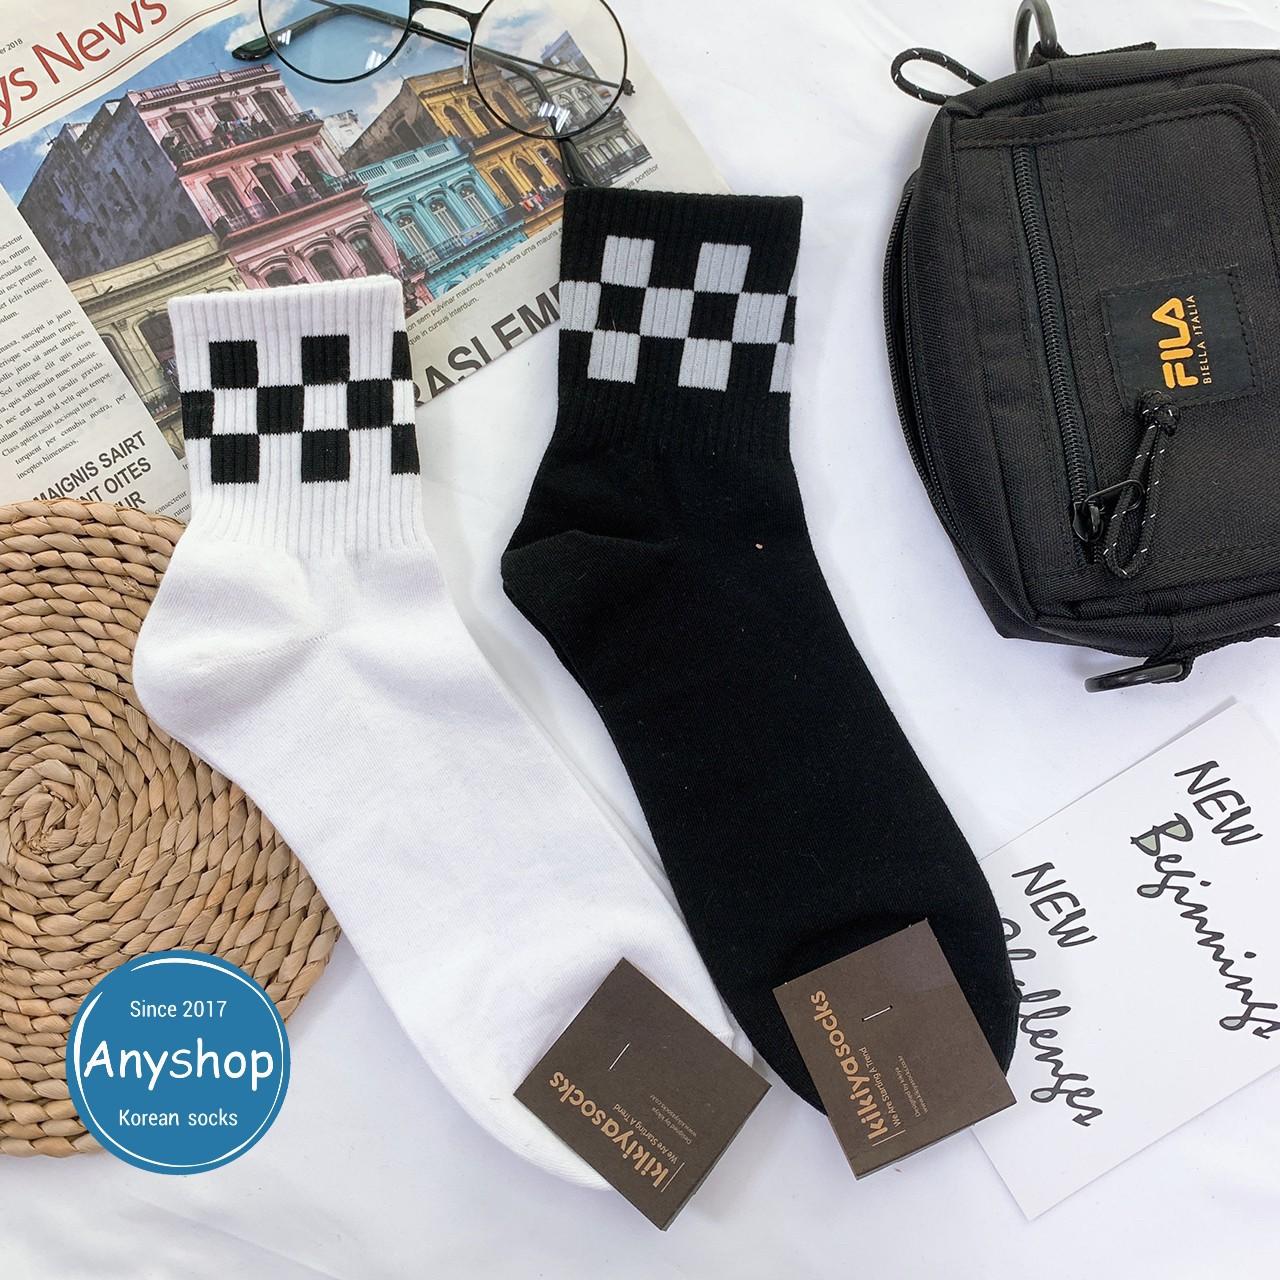 韓國襪-[Anyshop]黑白格子男士襪